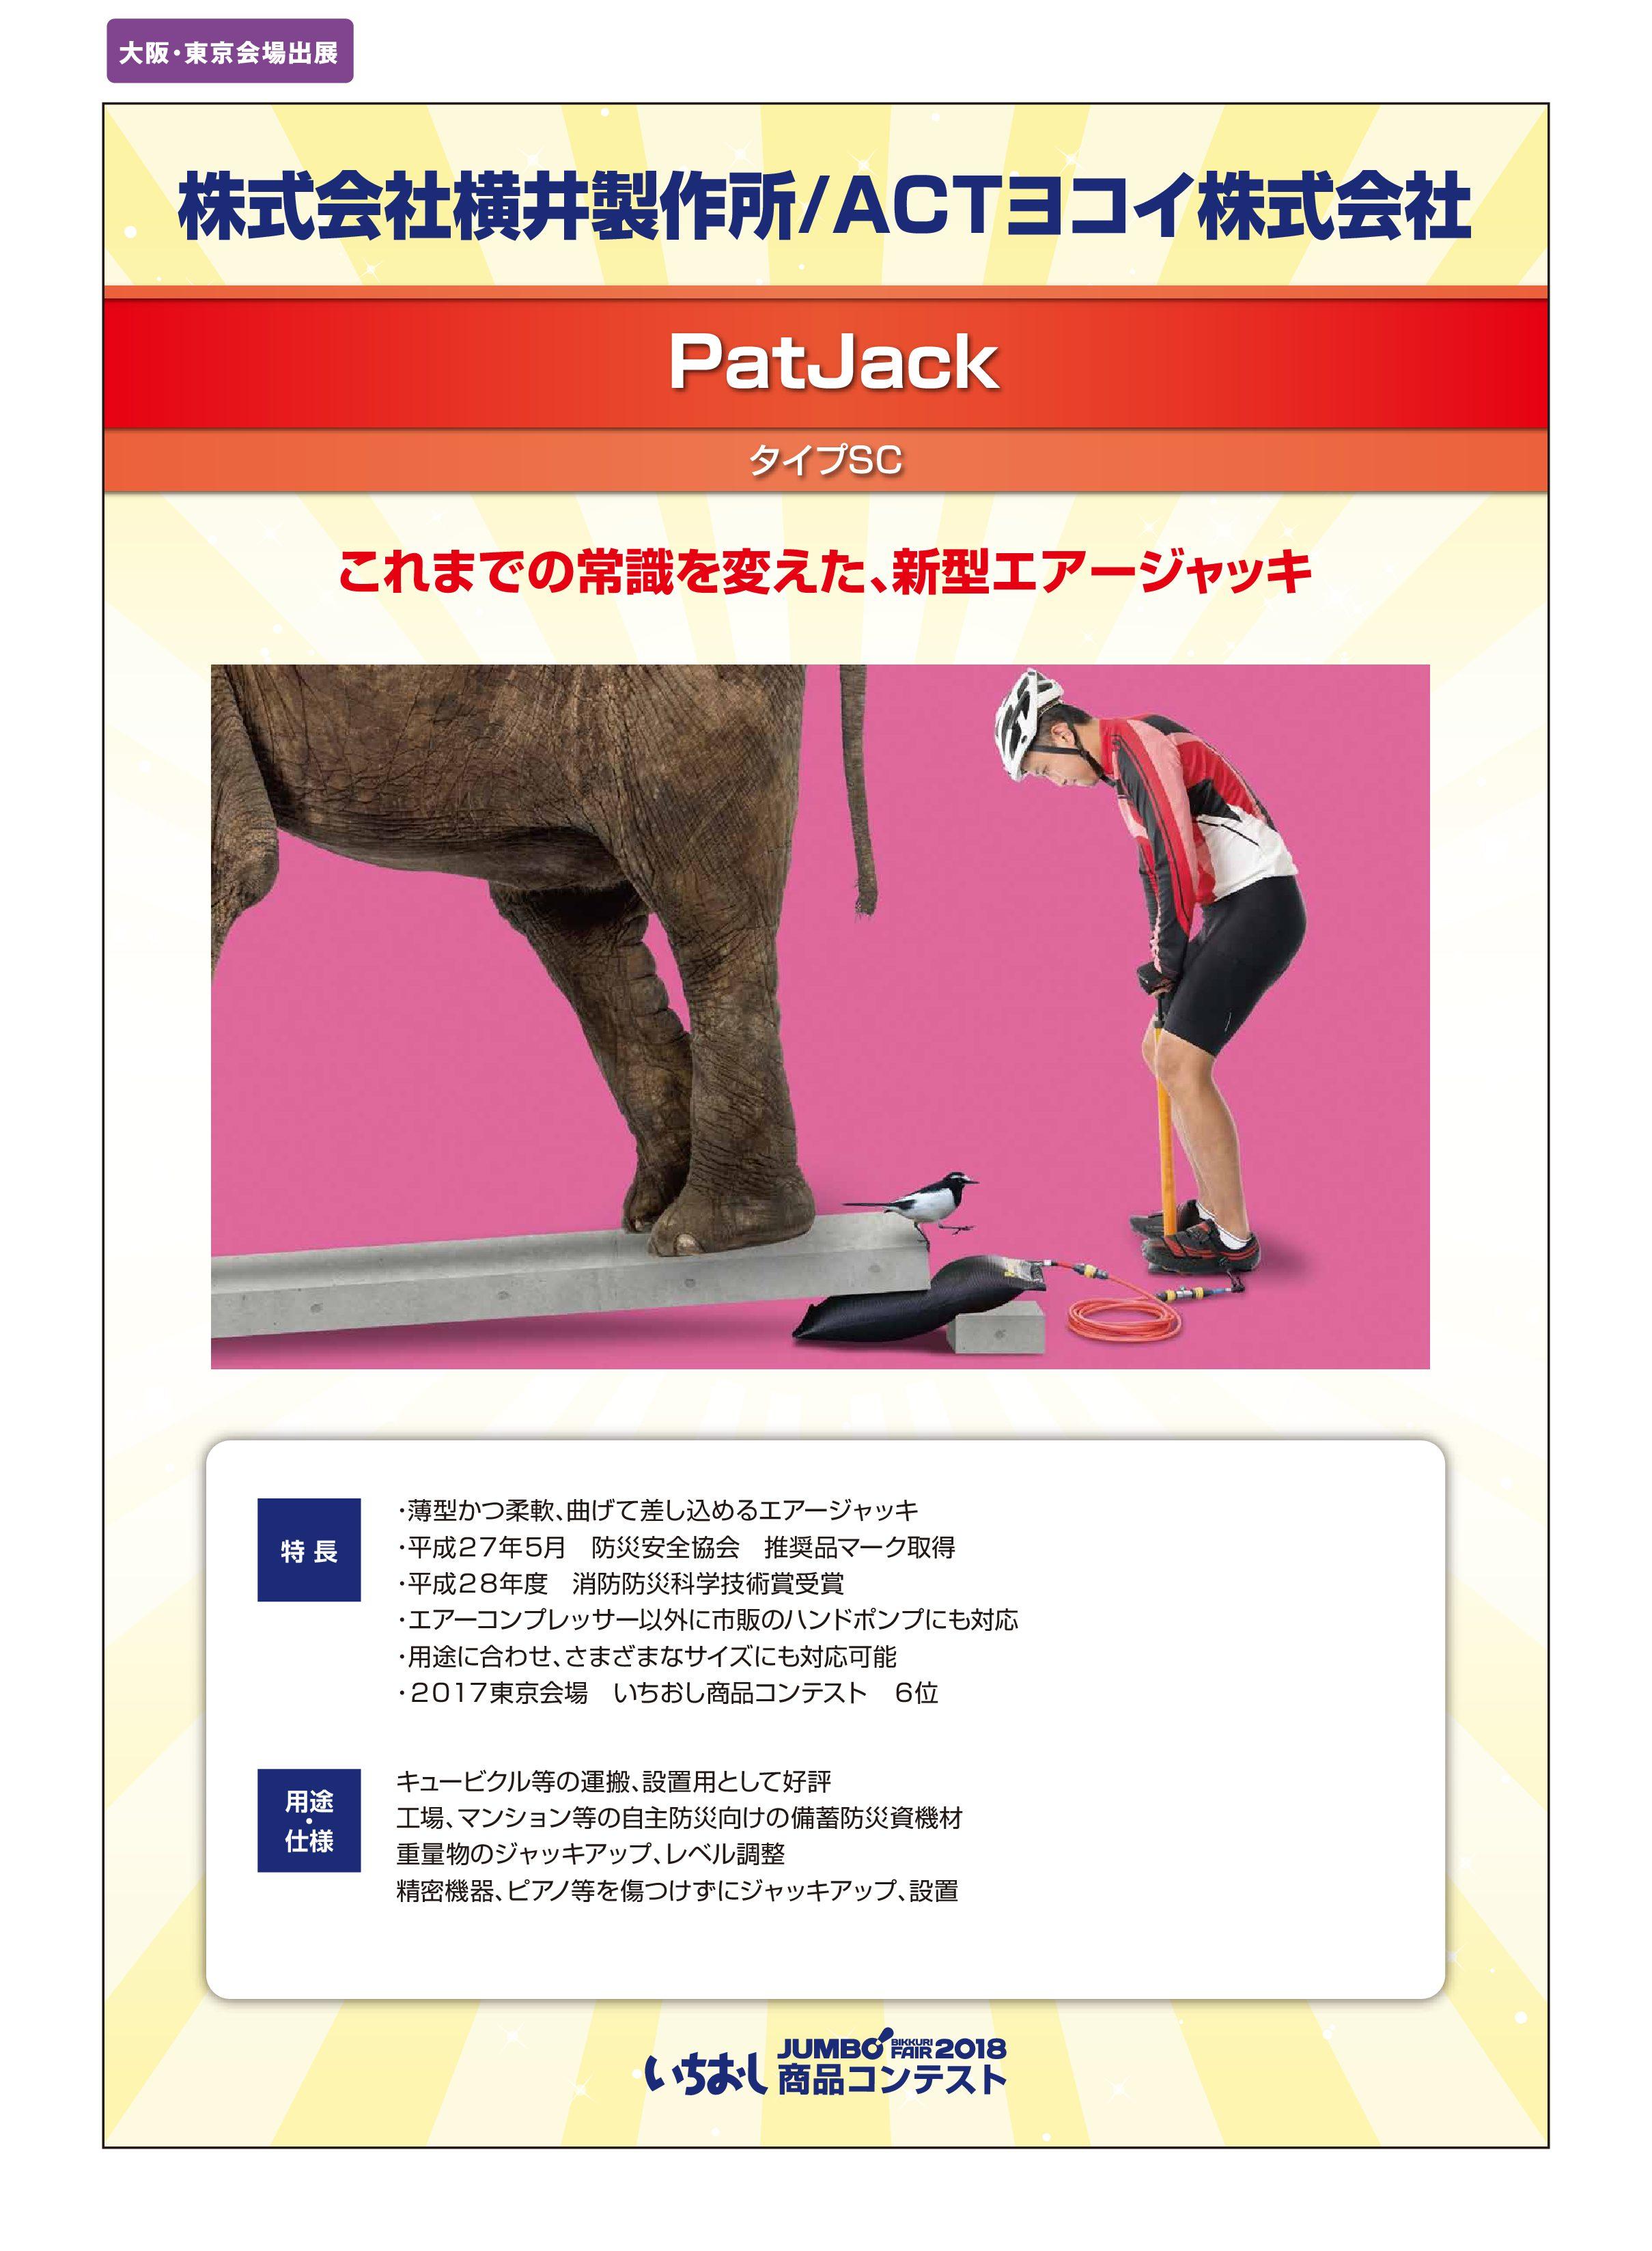 「PatJack」株式会社横井製作所/ACTヨコイ株式会社の画像